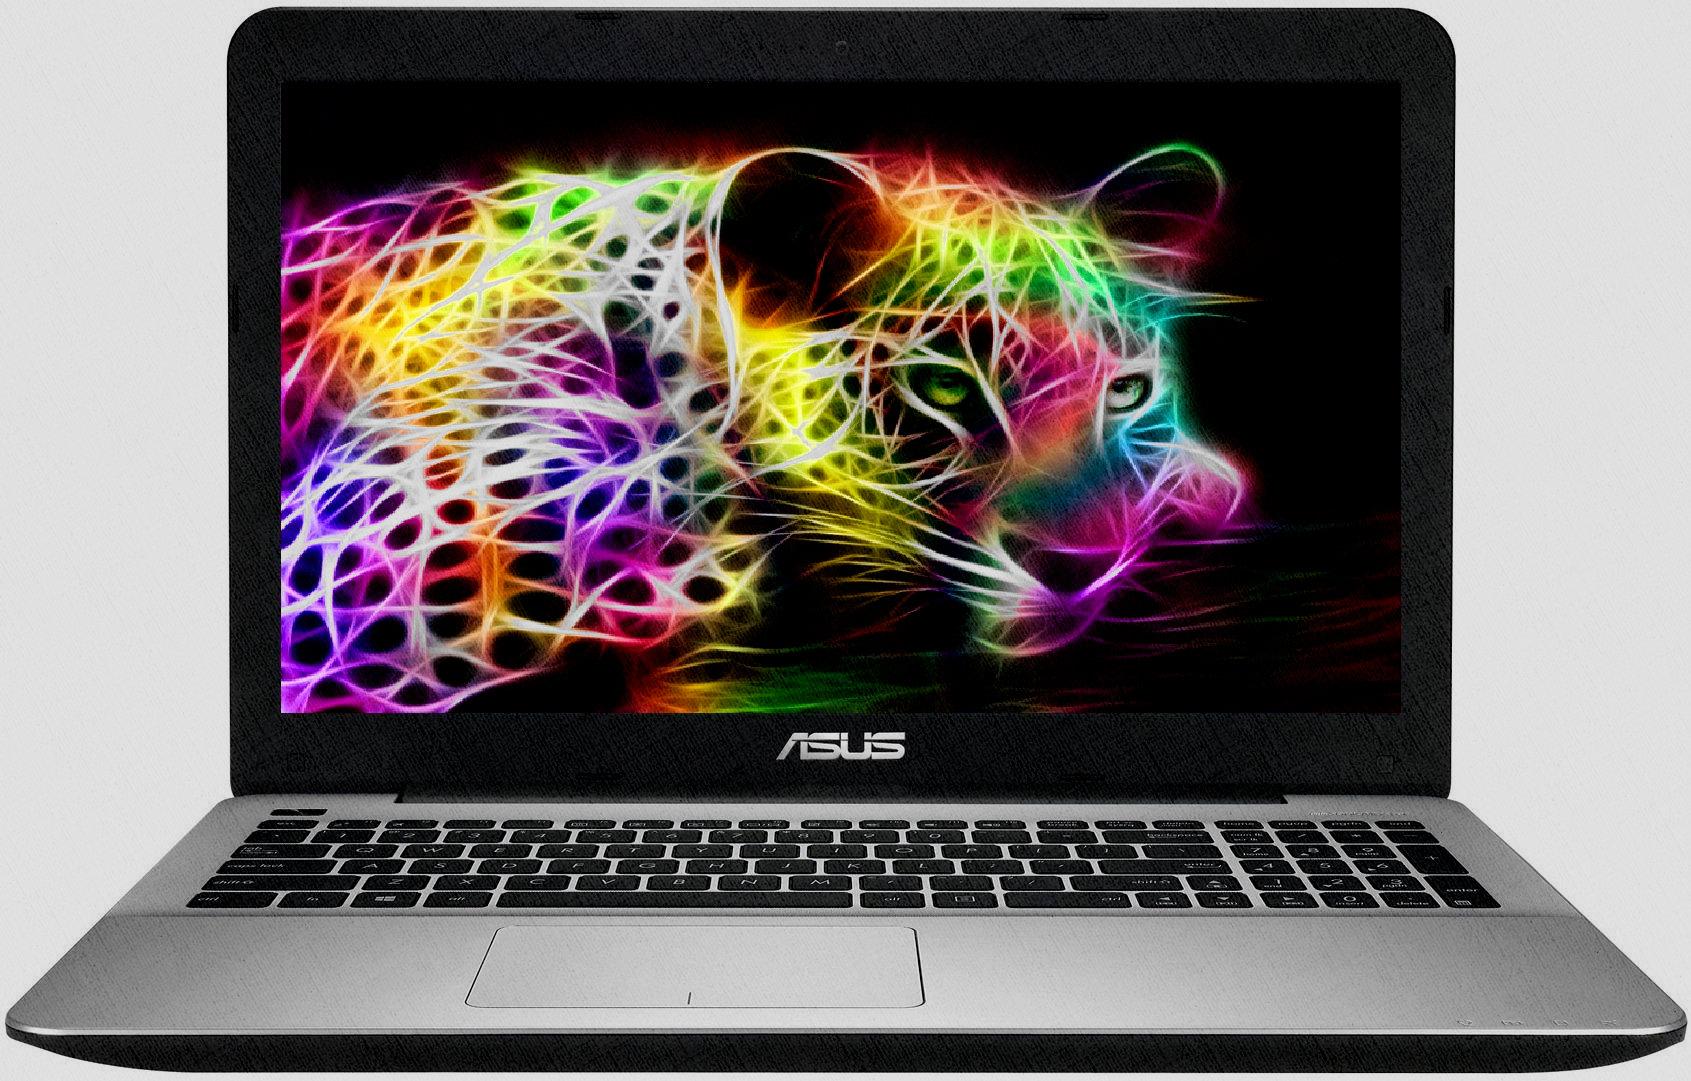 ASUS X555BA - выбор ноутбука 2019 года